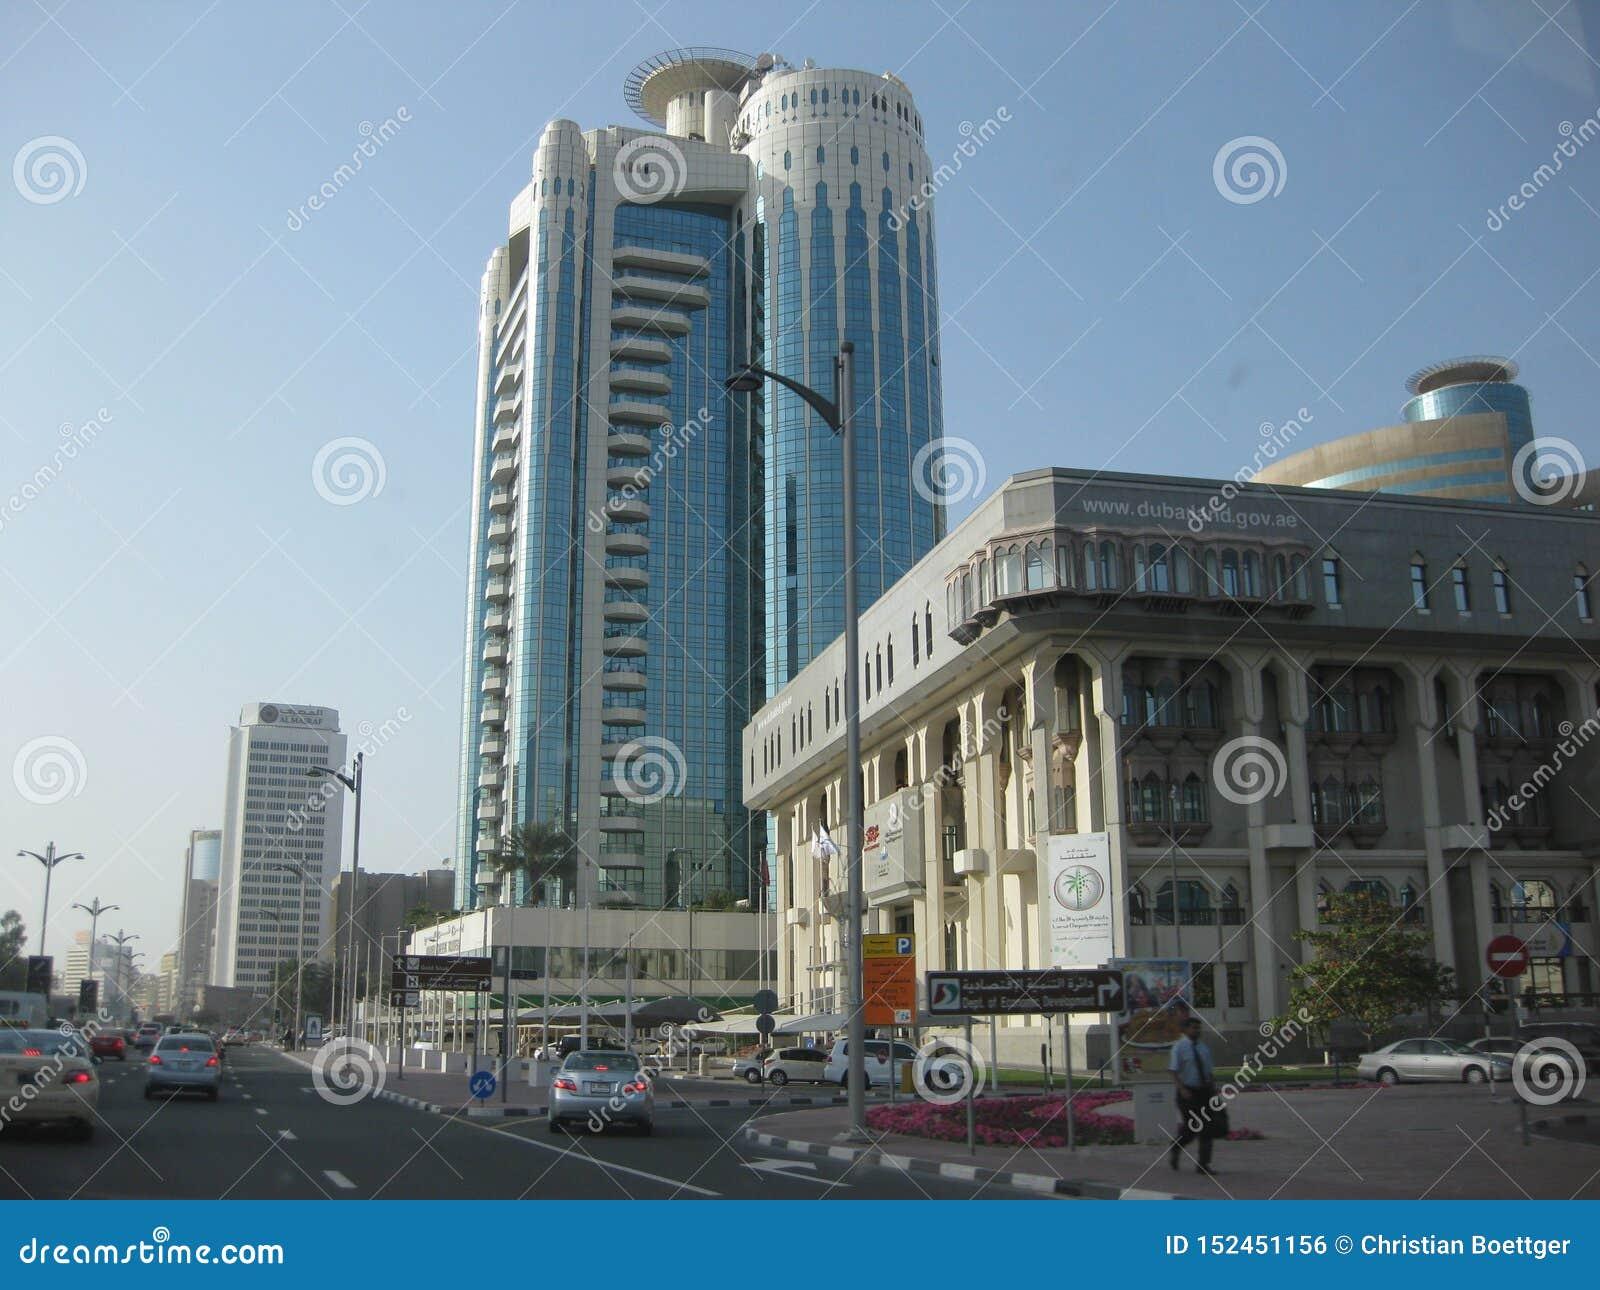 Dubaj - dzielnica biznesu między lotniskiem i schronienie terenem